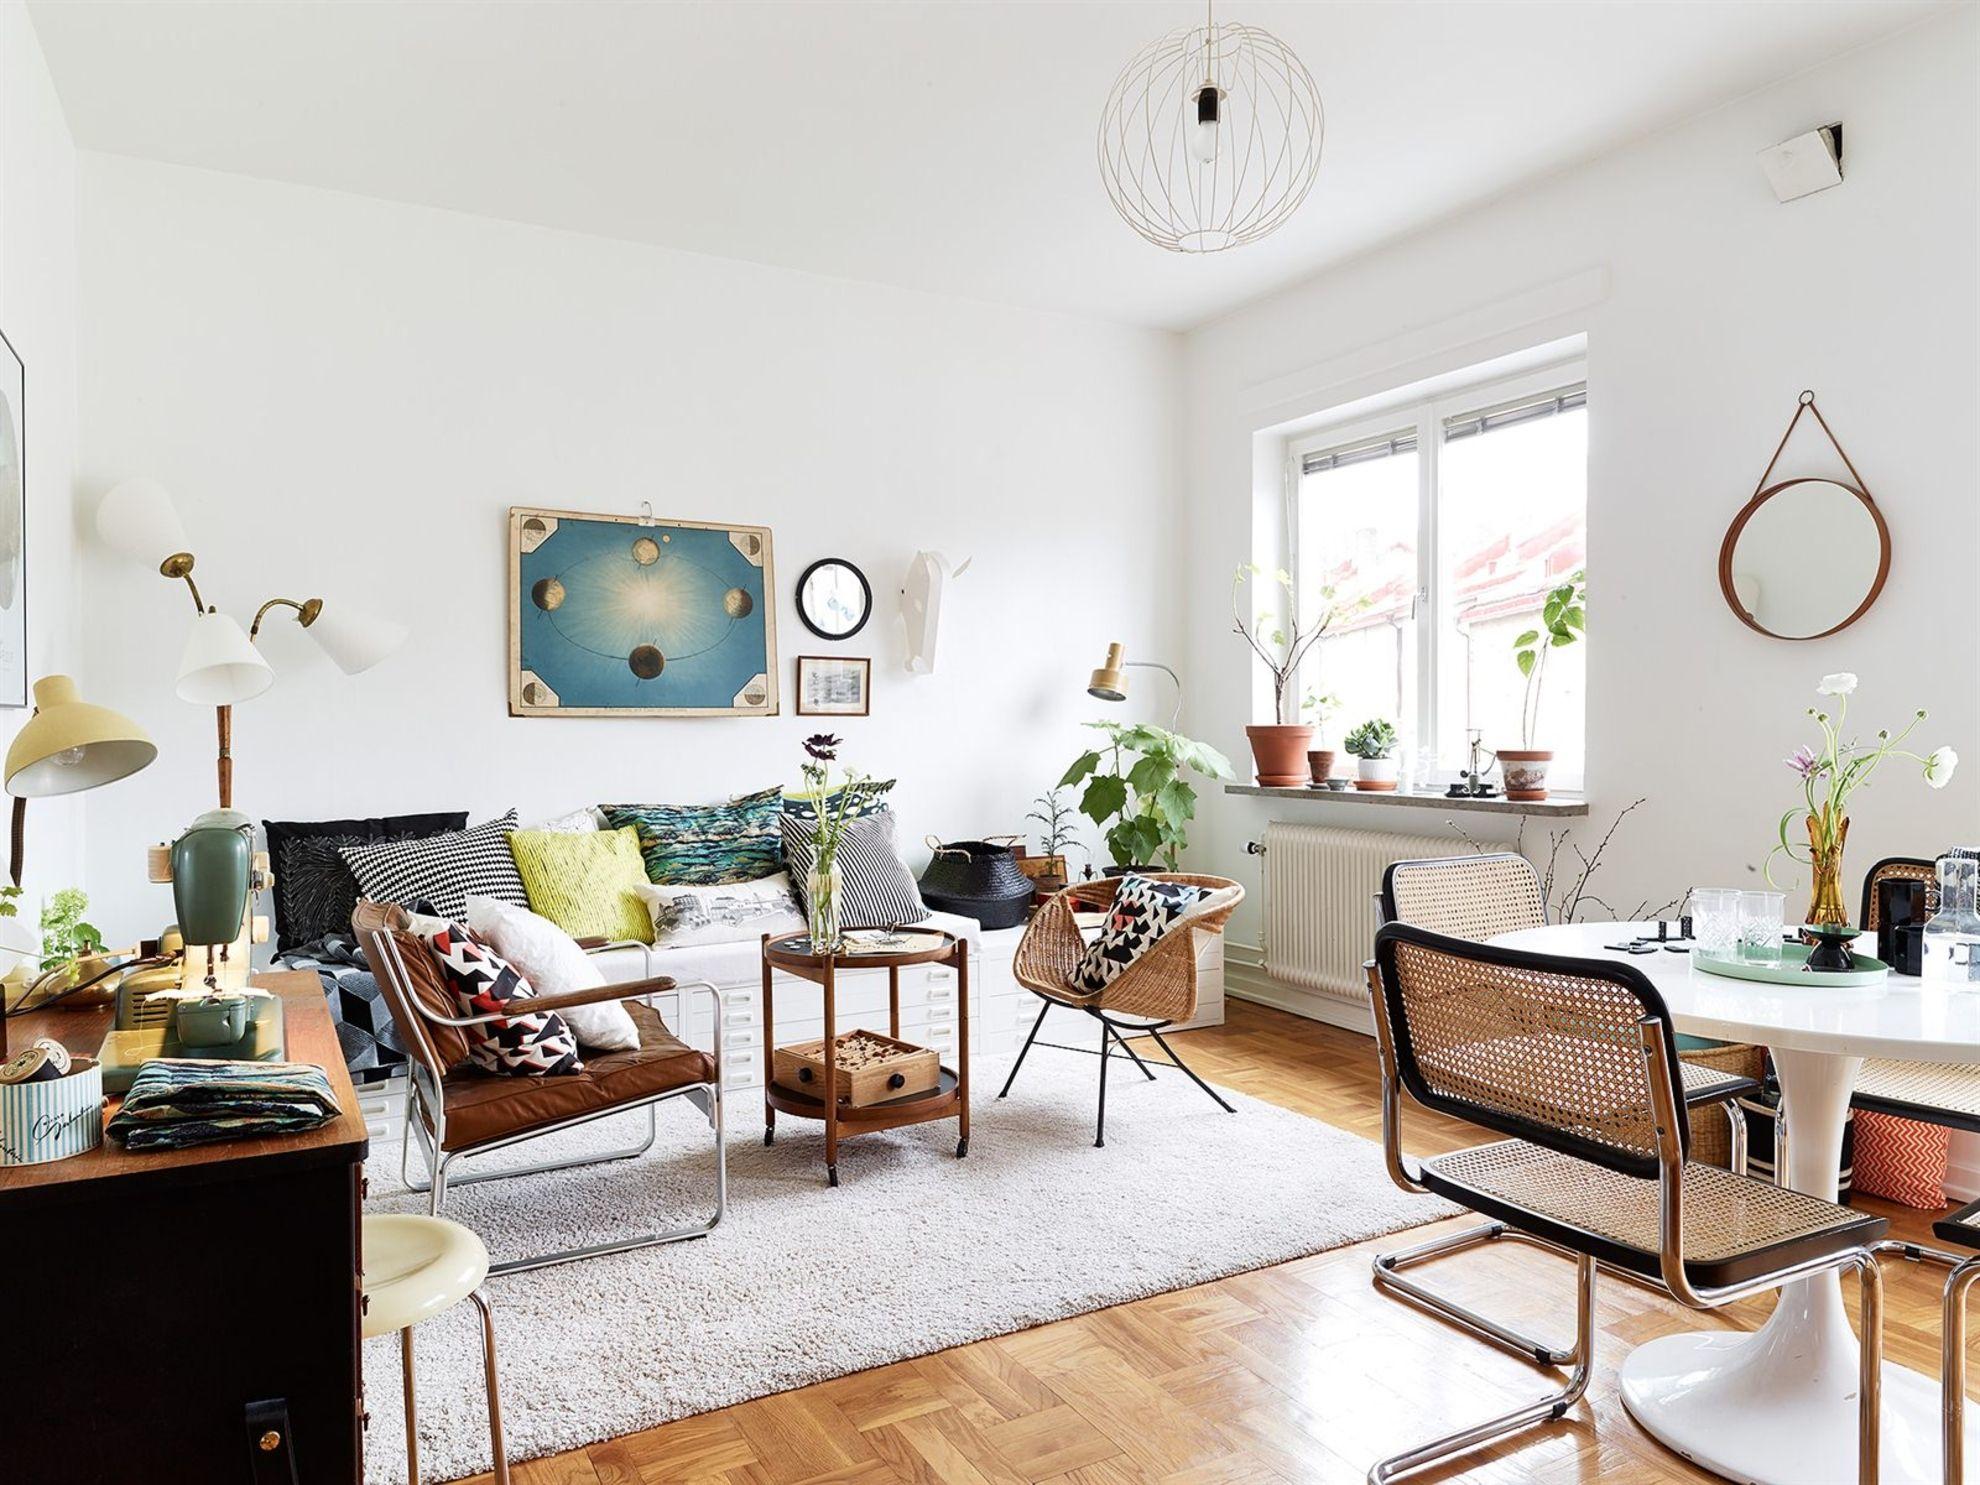 pingl par sandra kreger sur living rooms pinterest deco interieur et canap fait maison. Black Bedroom Furniture Sets. Home Design Ideas